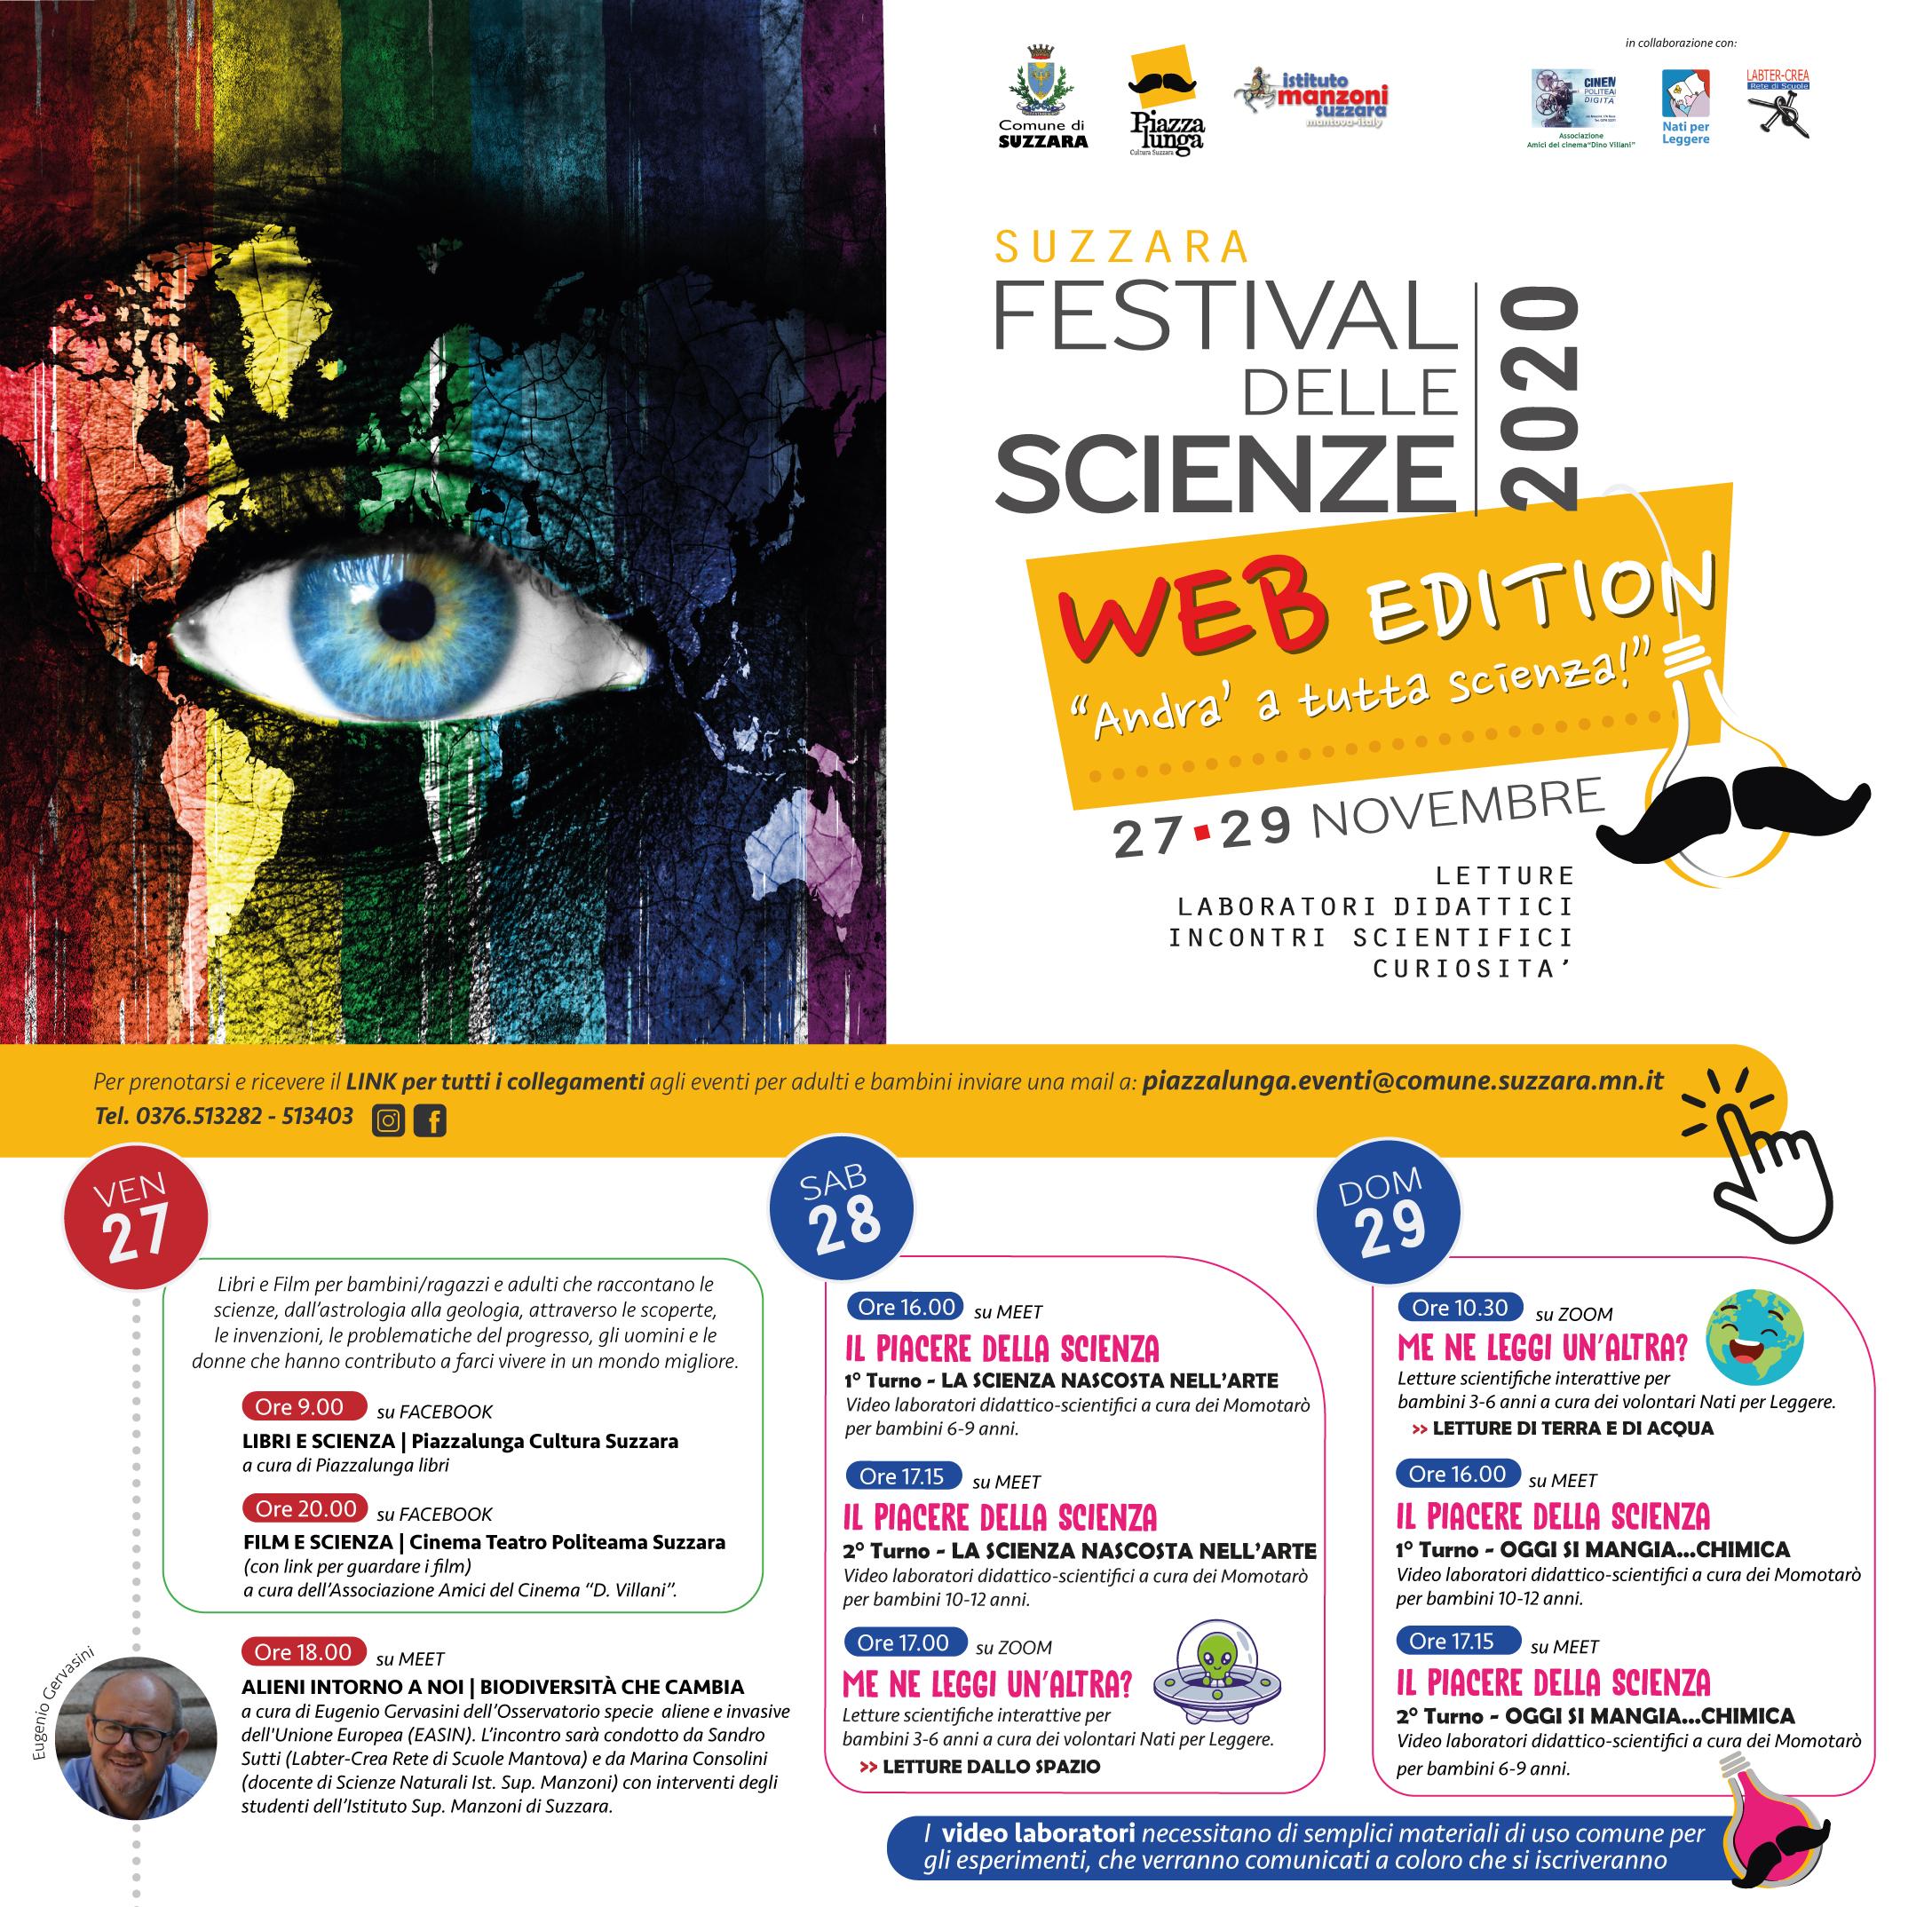 Festival delle scienze 2020 - Suzzara, MN , Mantova